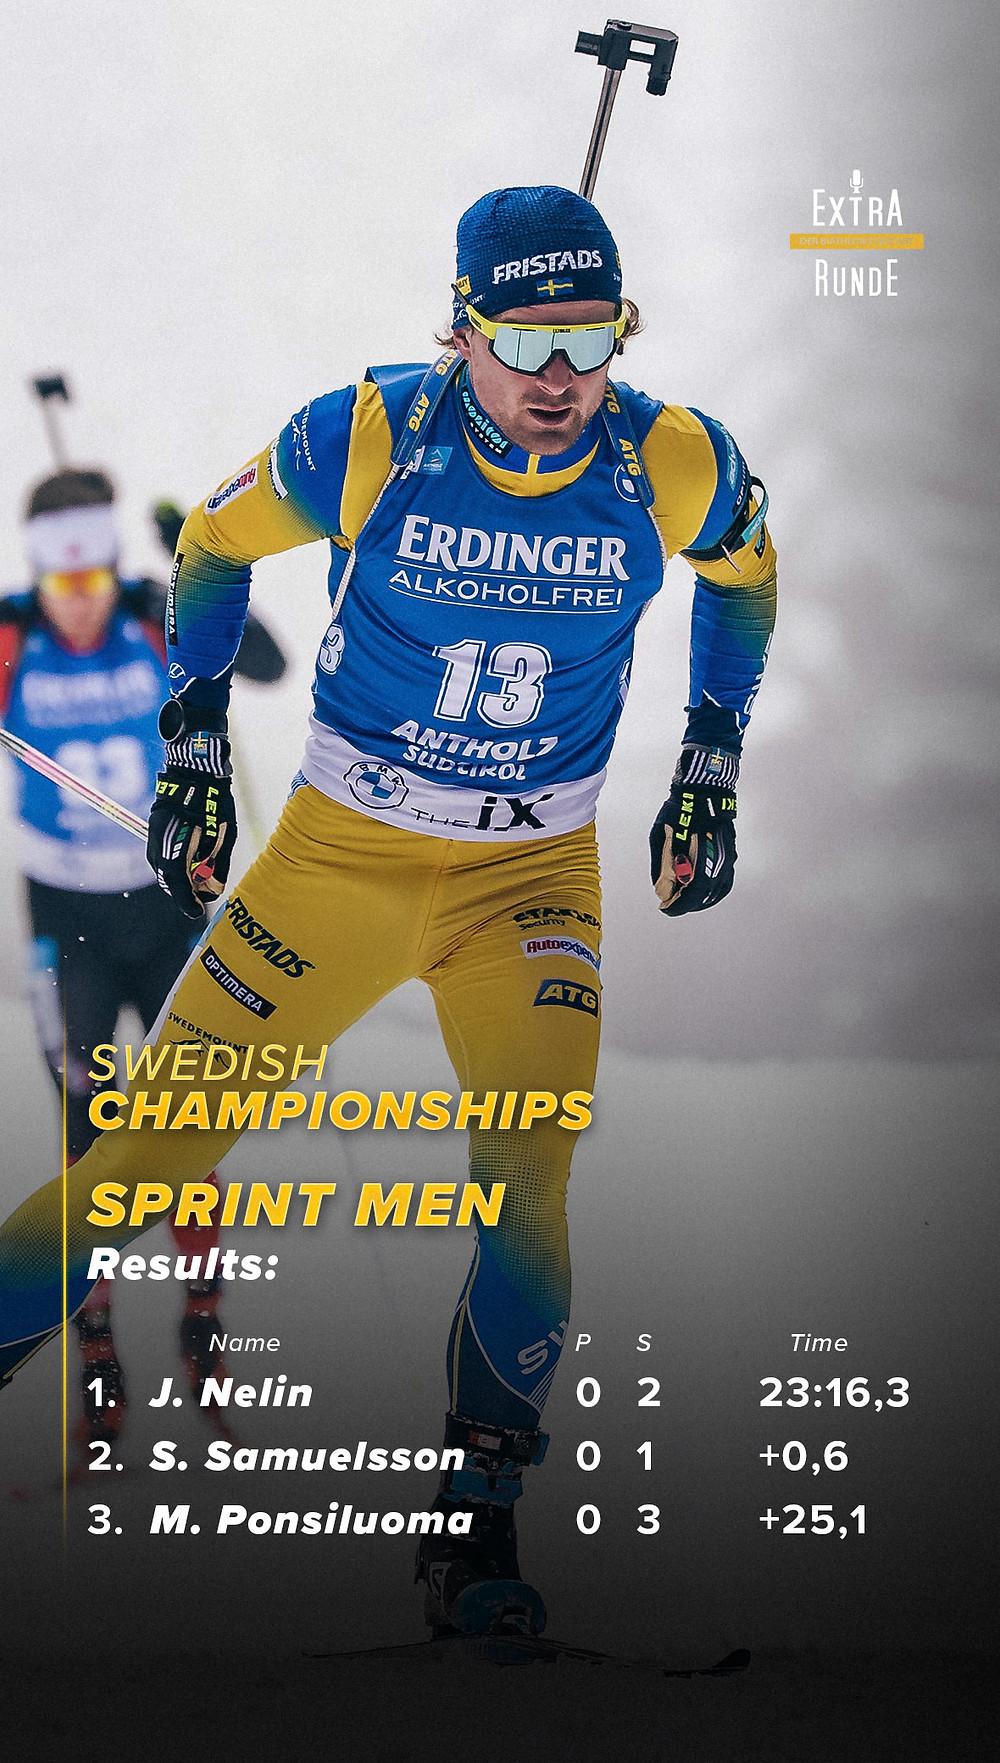 Den Sprint bei den schwedischen Meisterschaften im Biathlon gewinnt Jesper Nelin